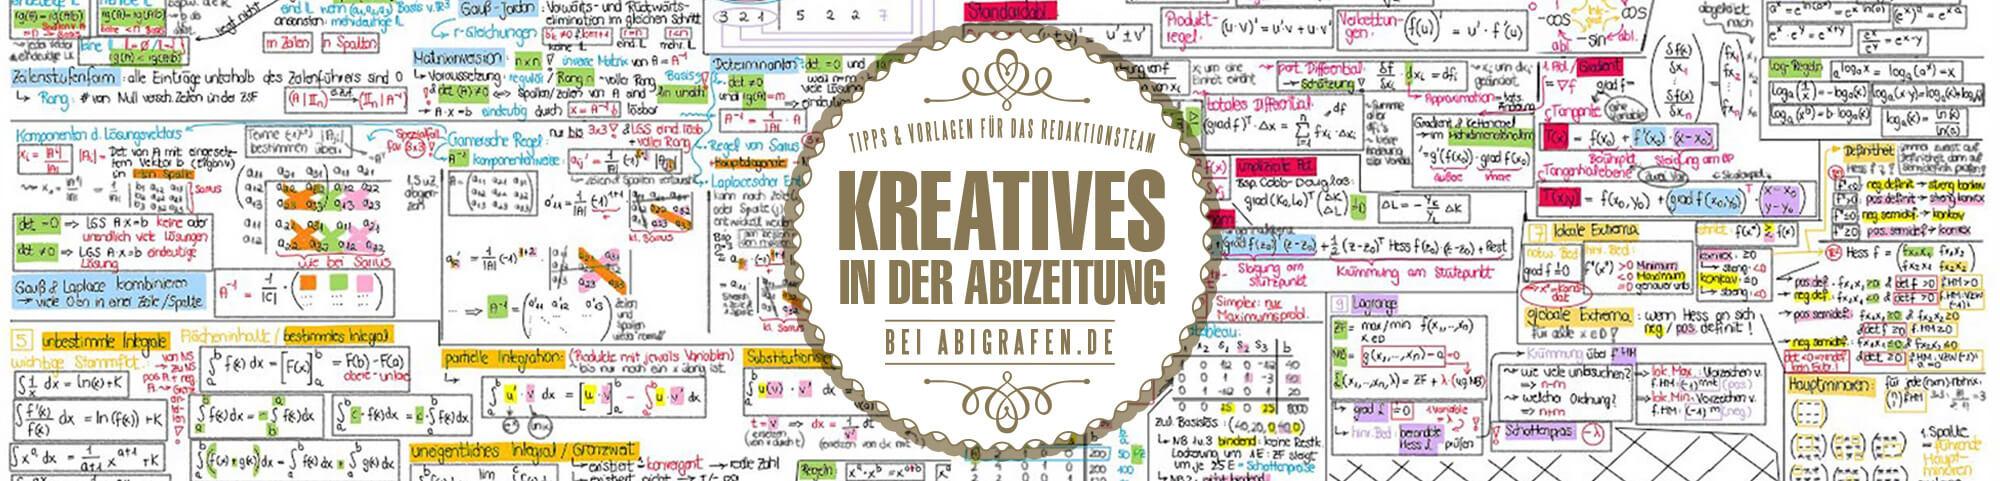 Vorlagen für das Redaktionsteam (kreative Beiträge Abibuch/Abizeitung)